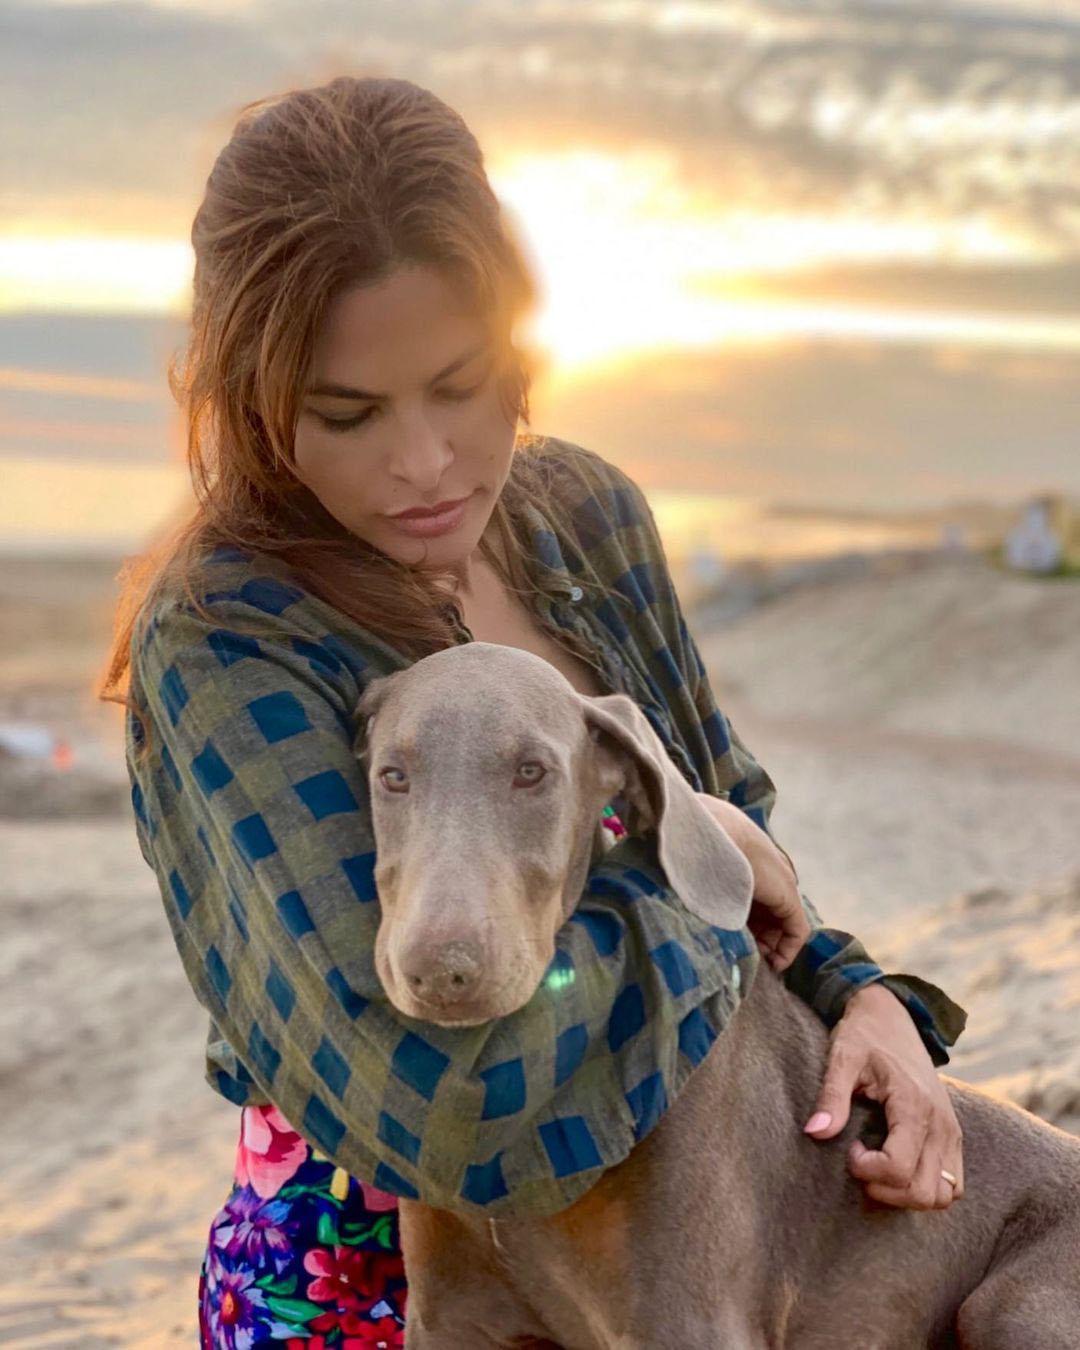 Eva Mendes, McHappy Day 2020, interview, Ryan Gosling, adopt puppy